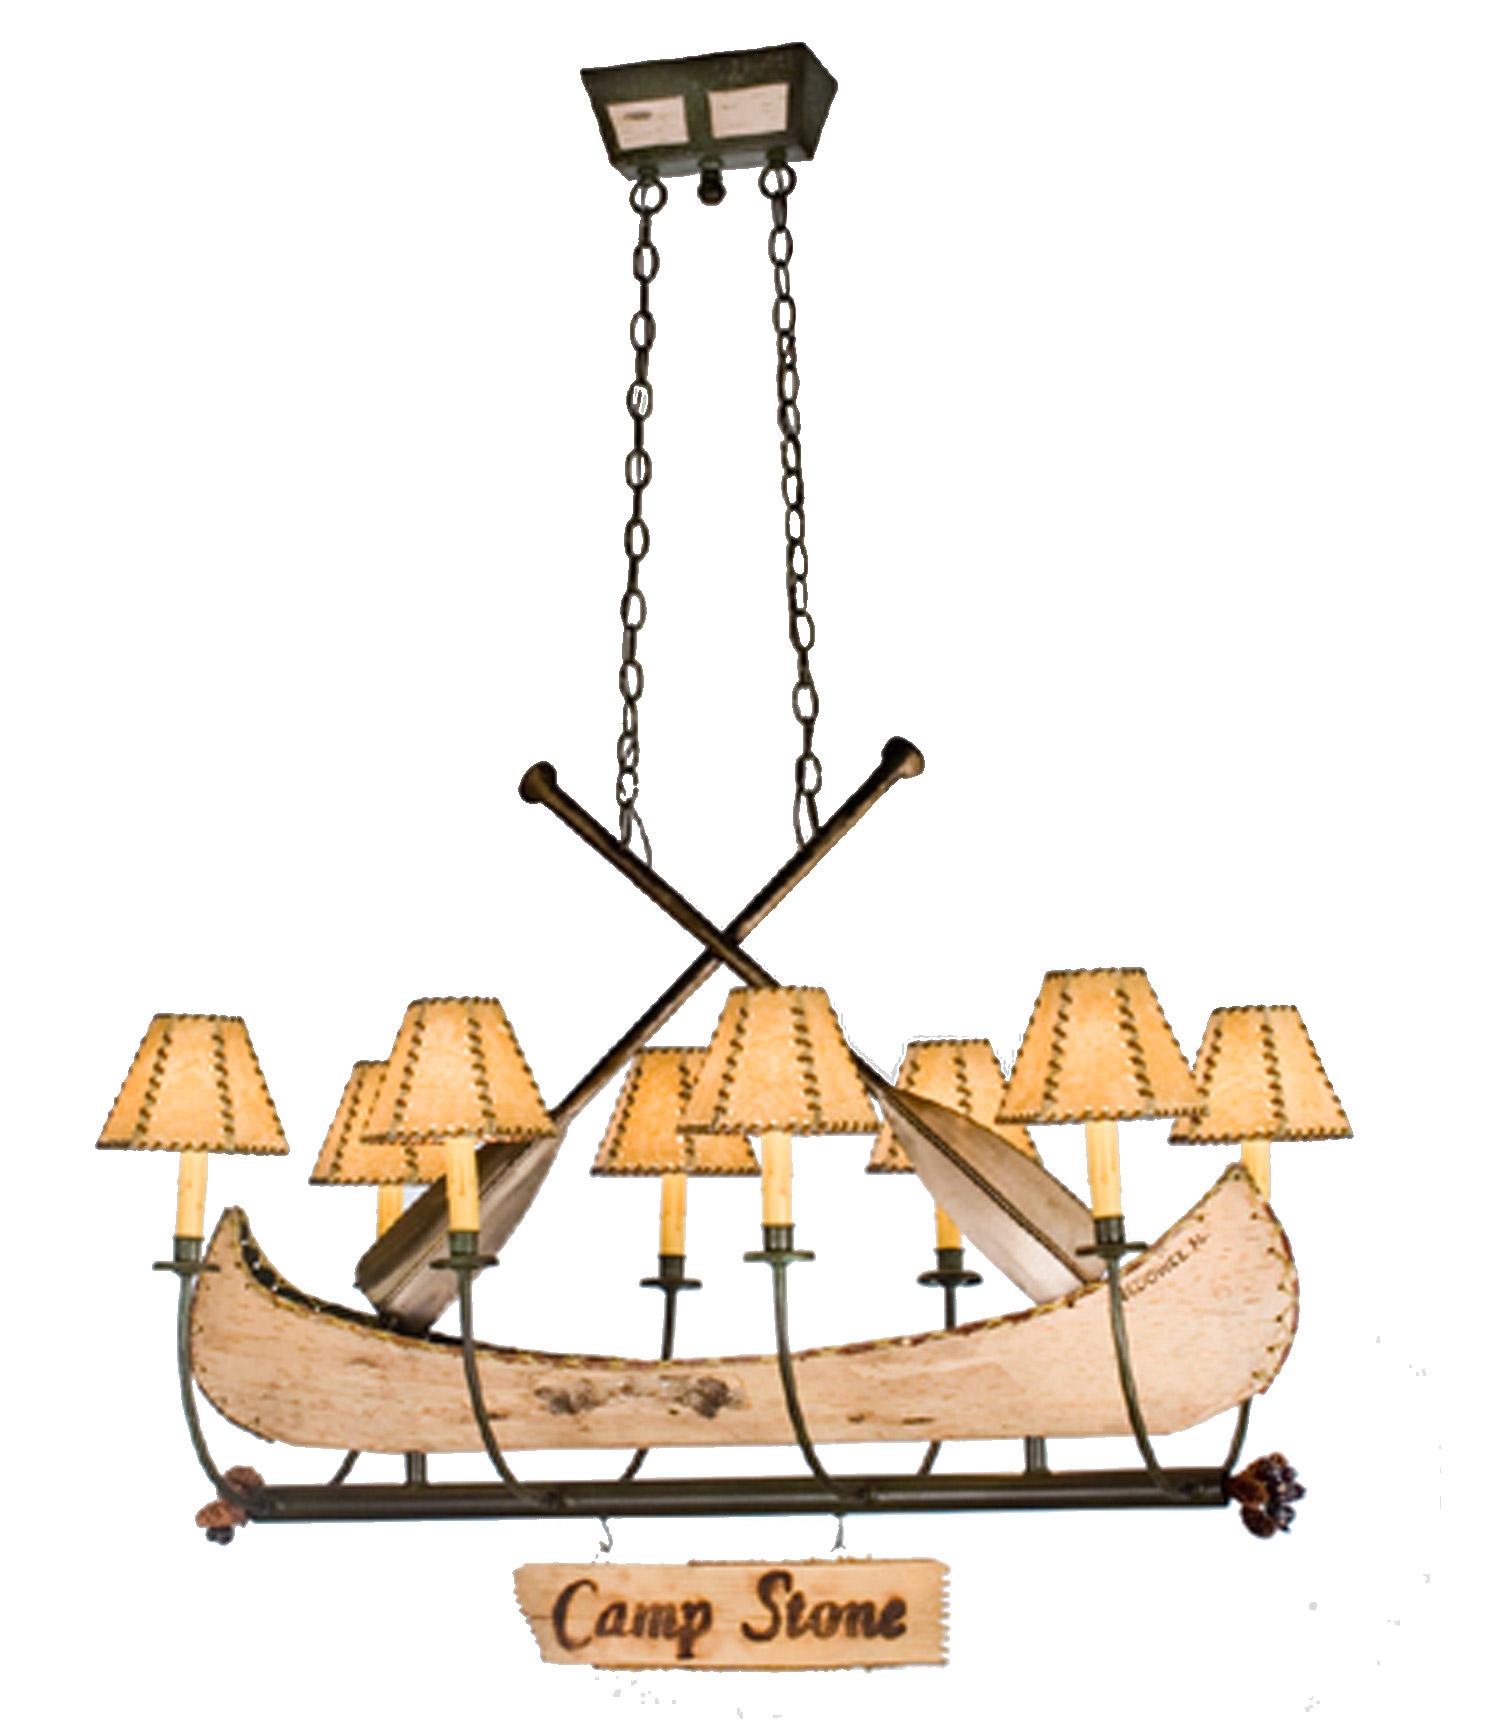 Meyda Personalized Canoe Eight Light Oval Chandelier